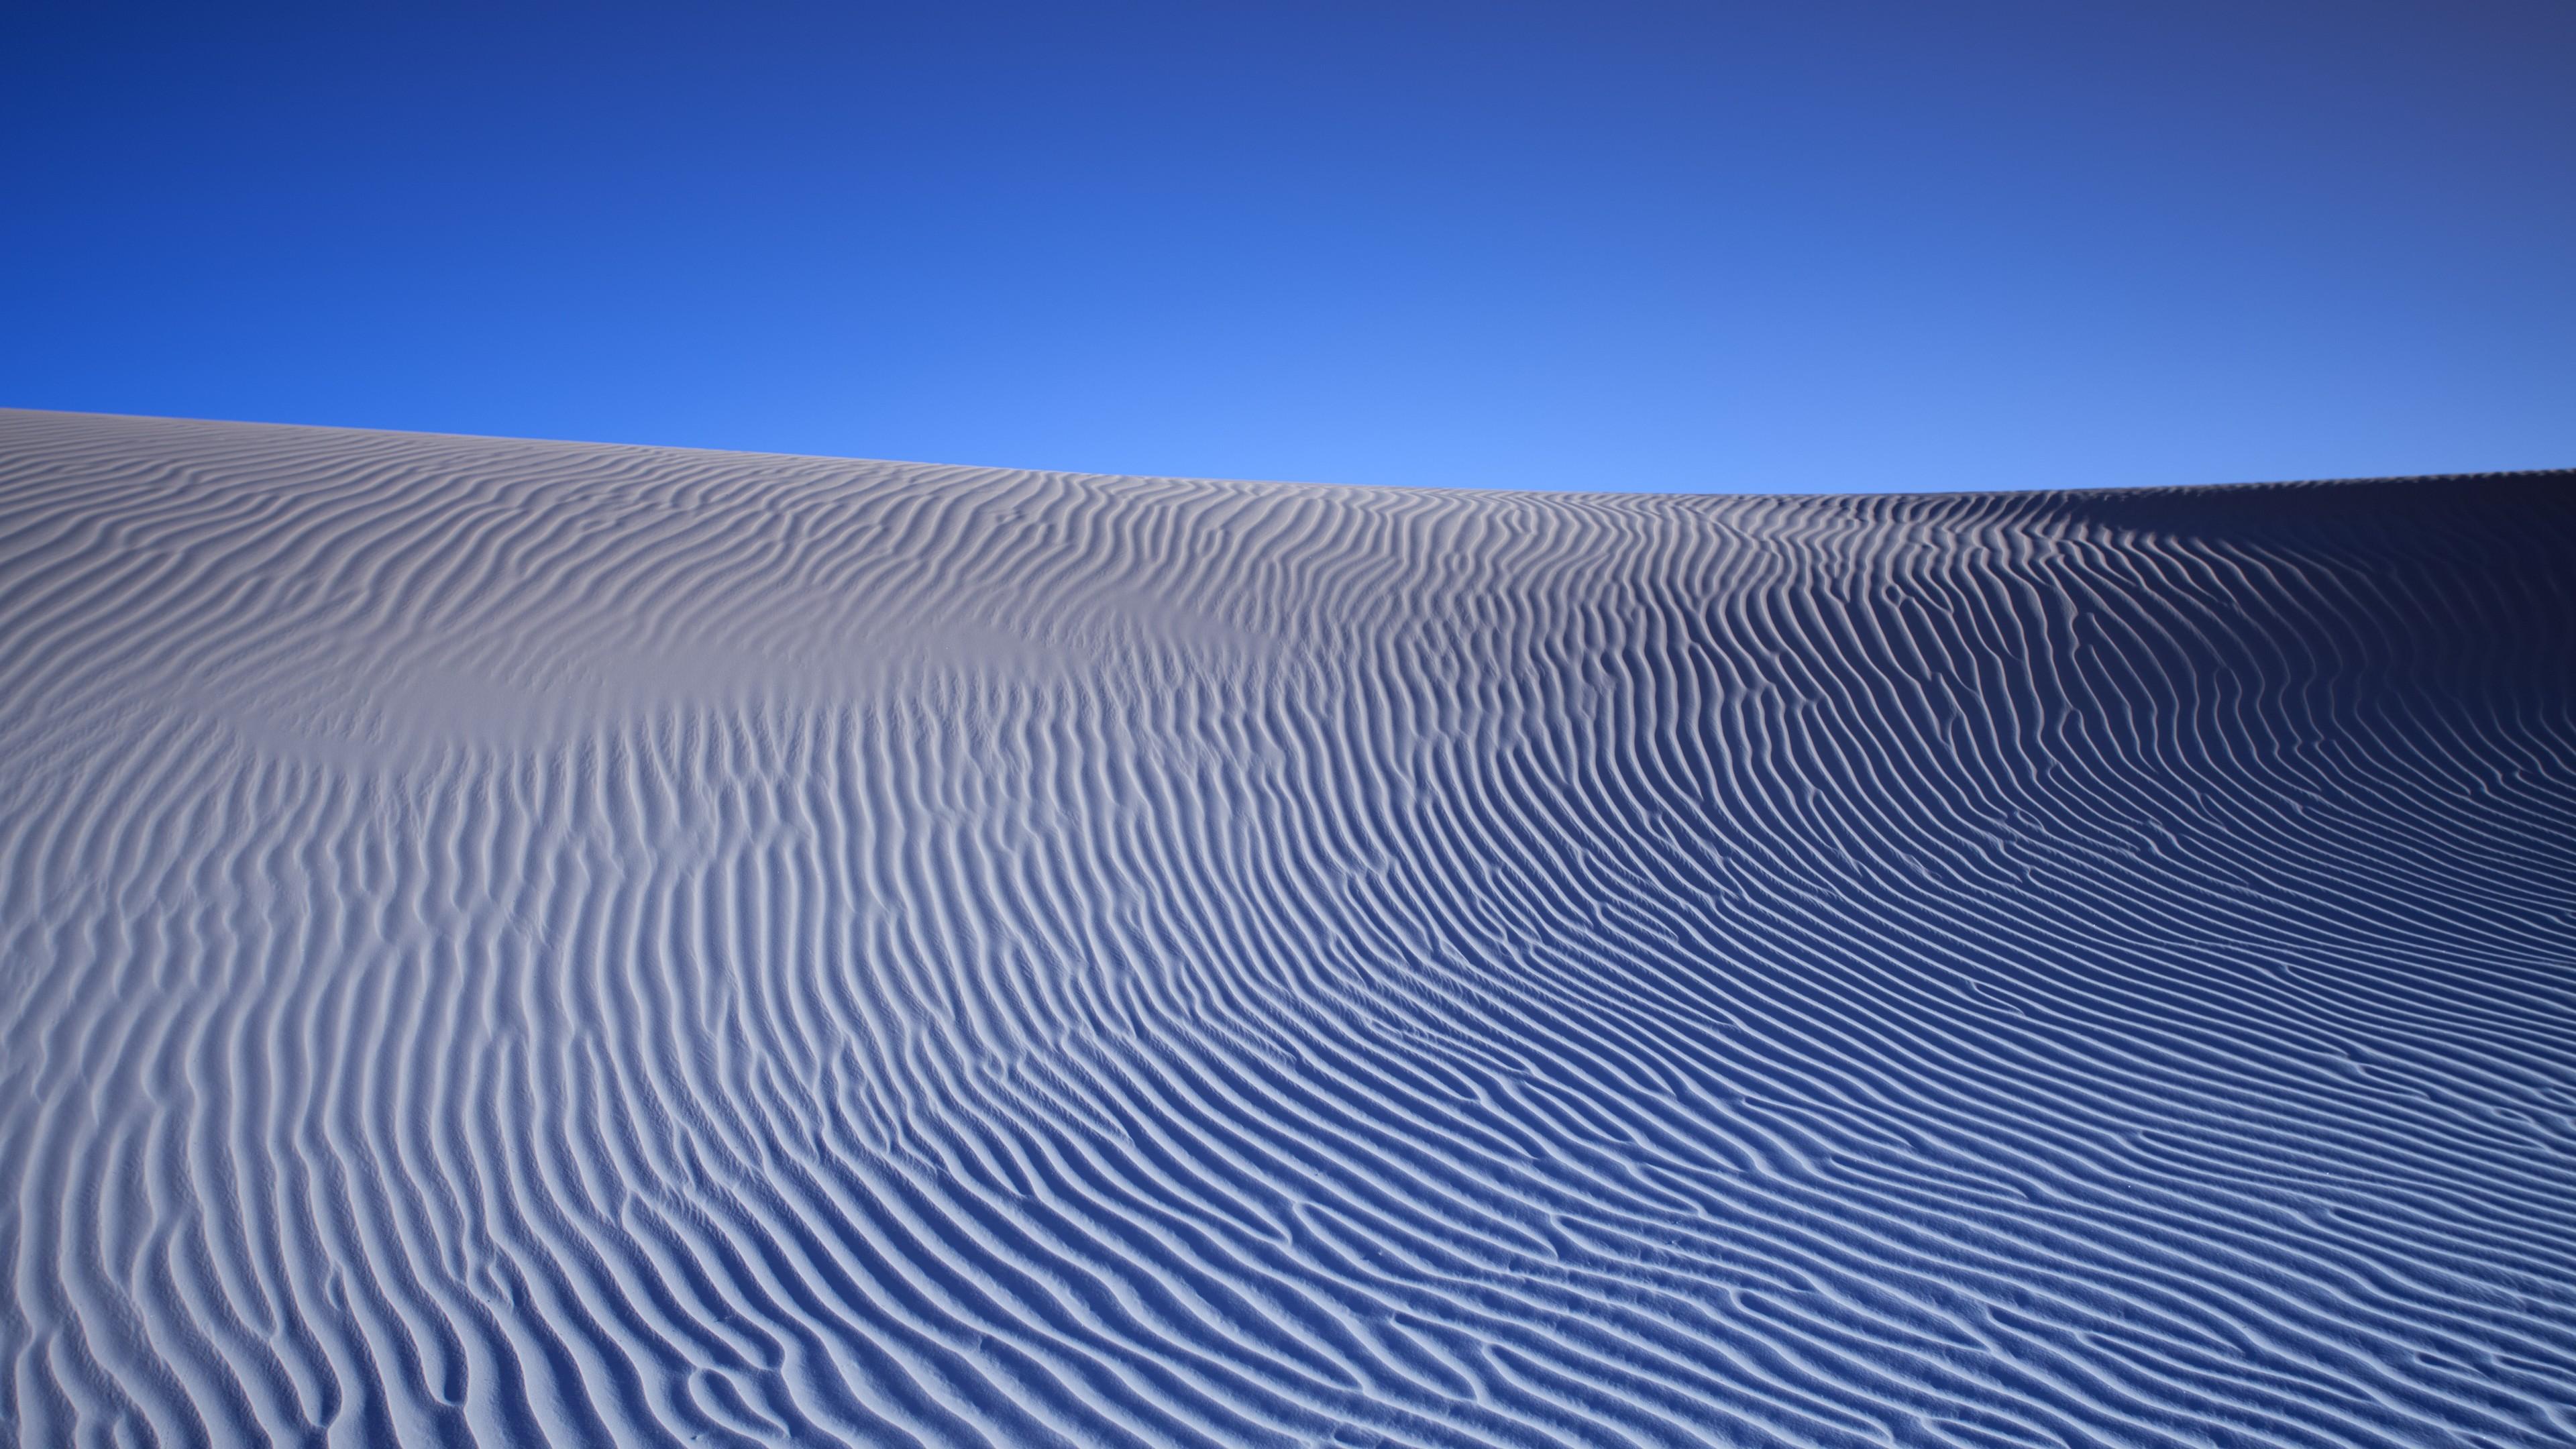 Рельефные формы пустыни в отблесках безоблачного ярко- синего неба